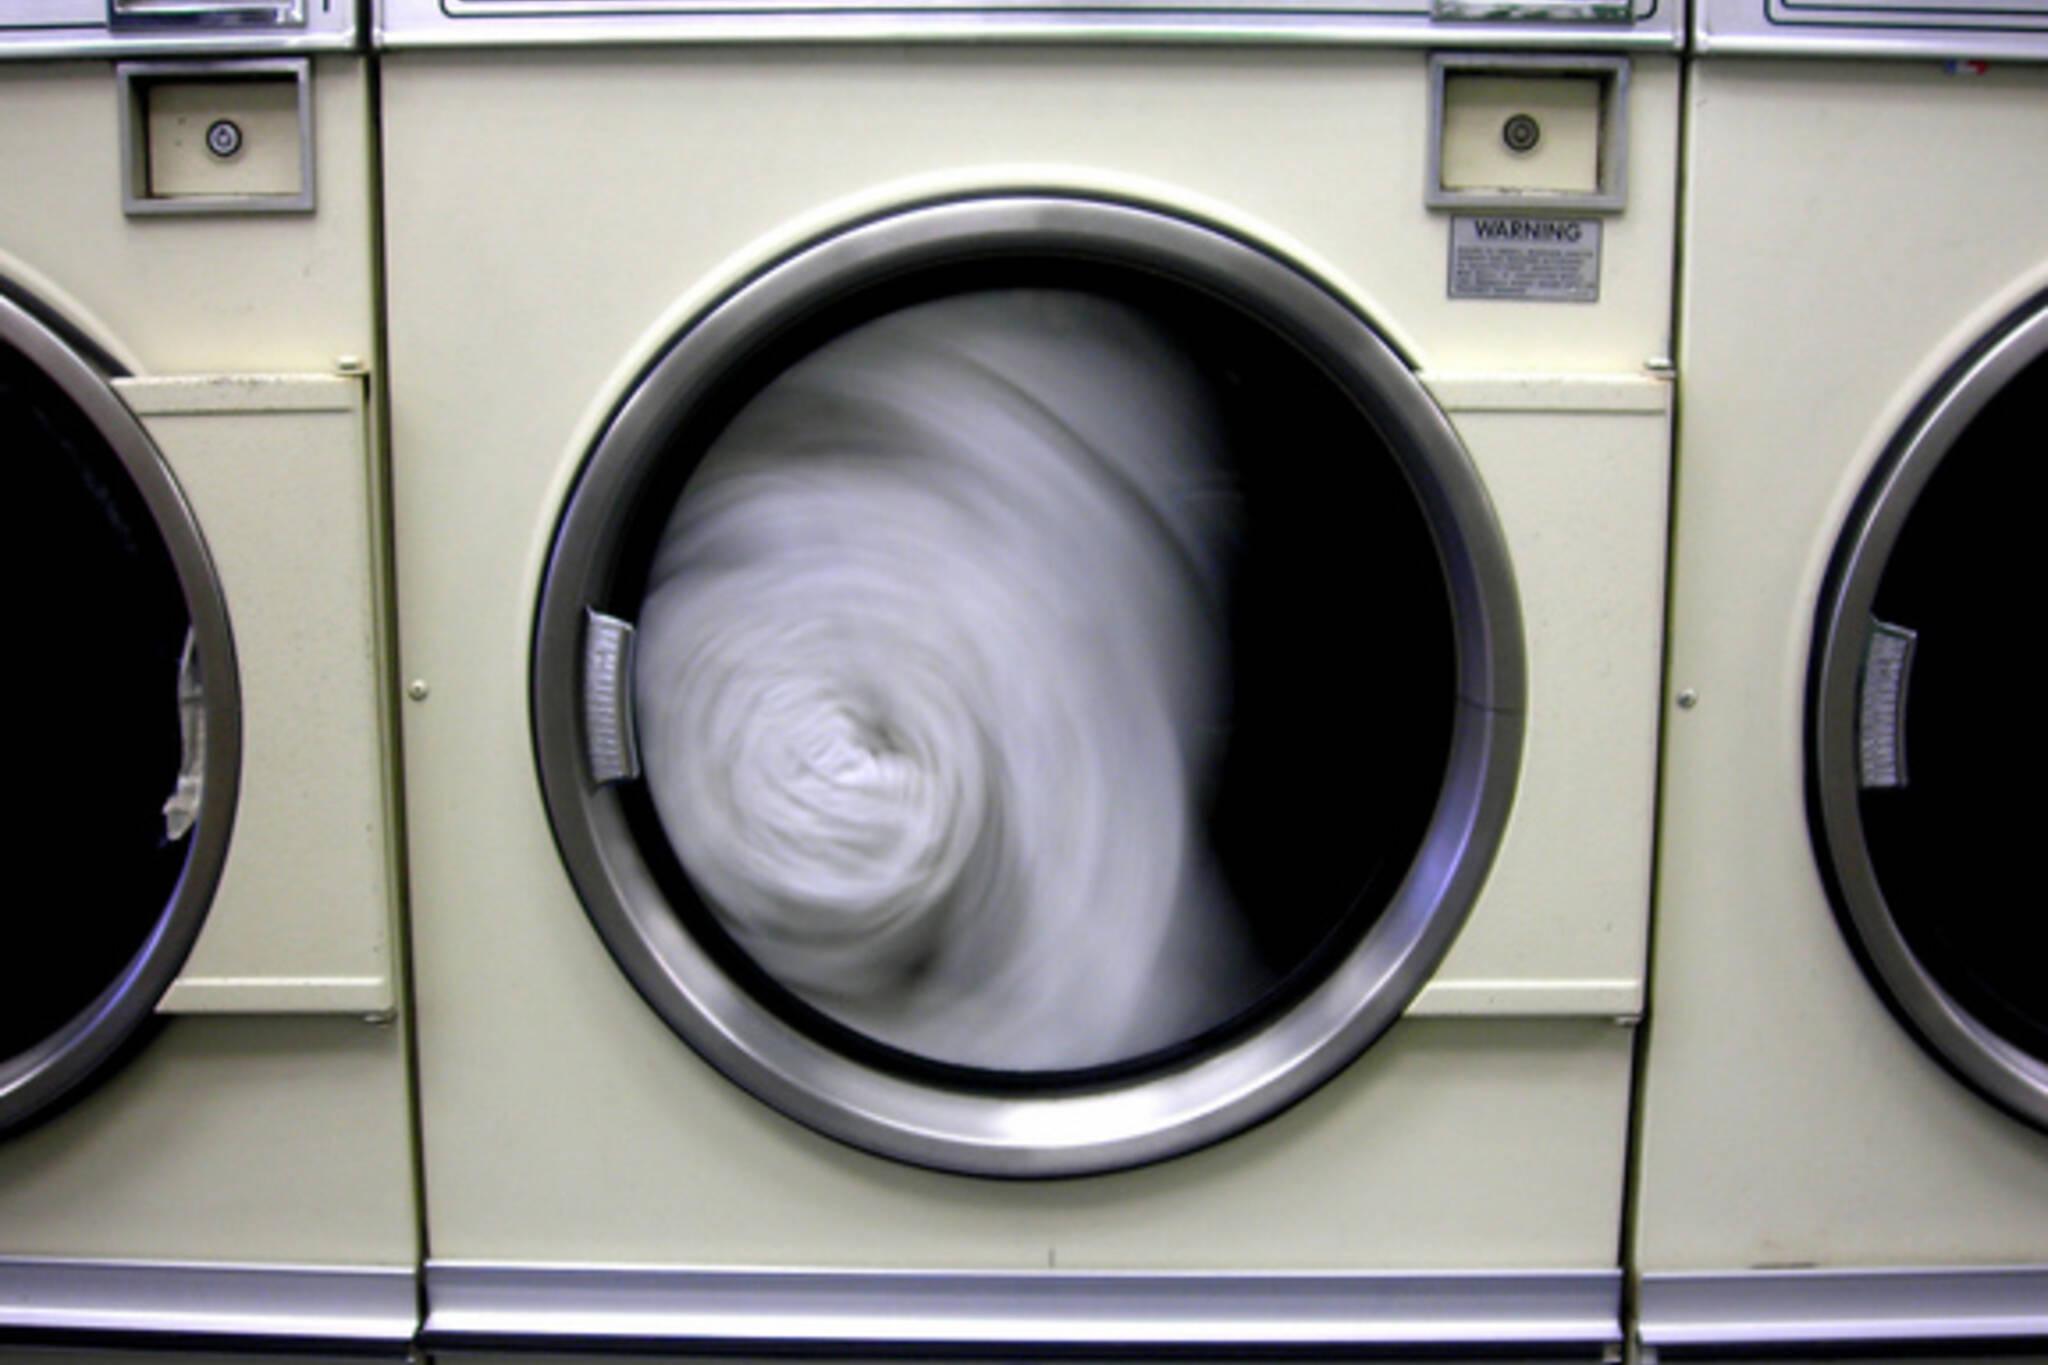 Wash By Brittainica